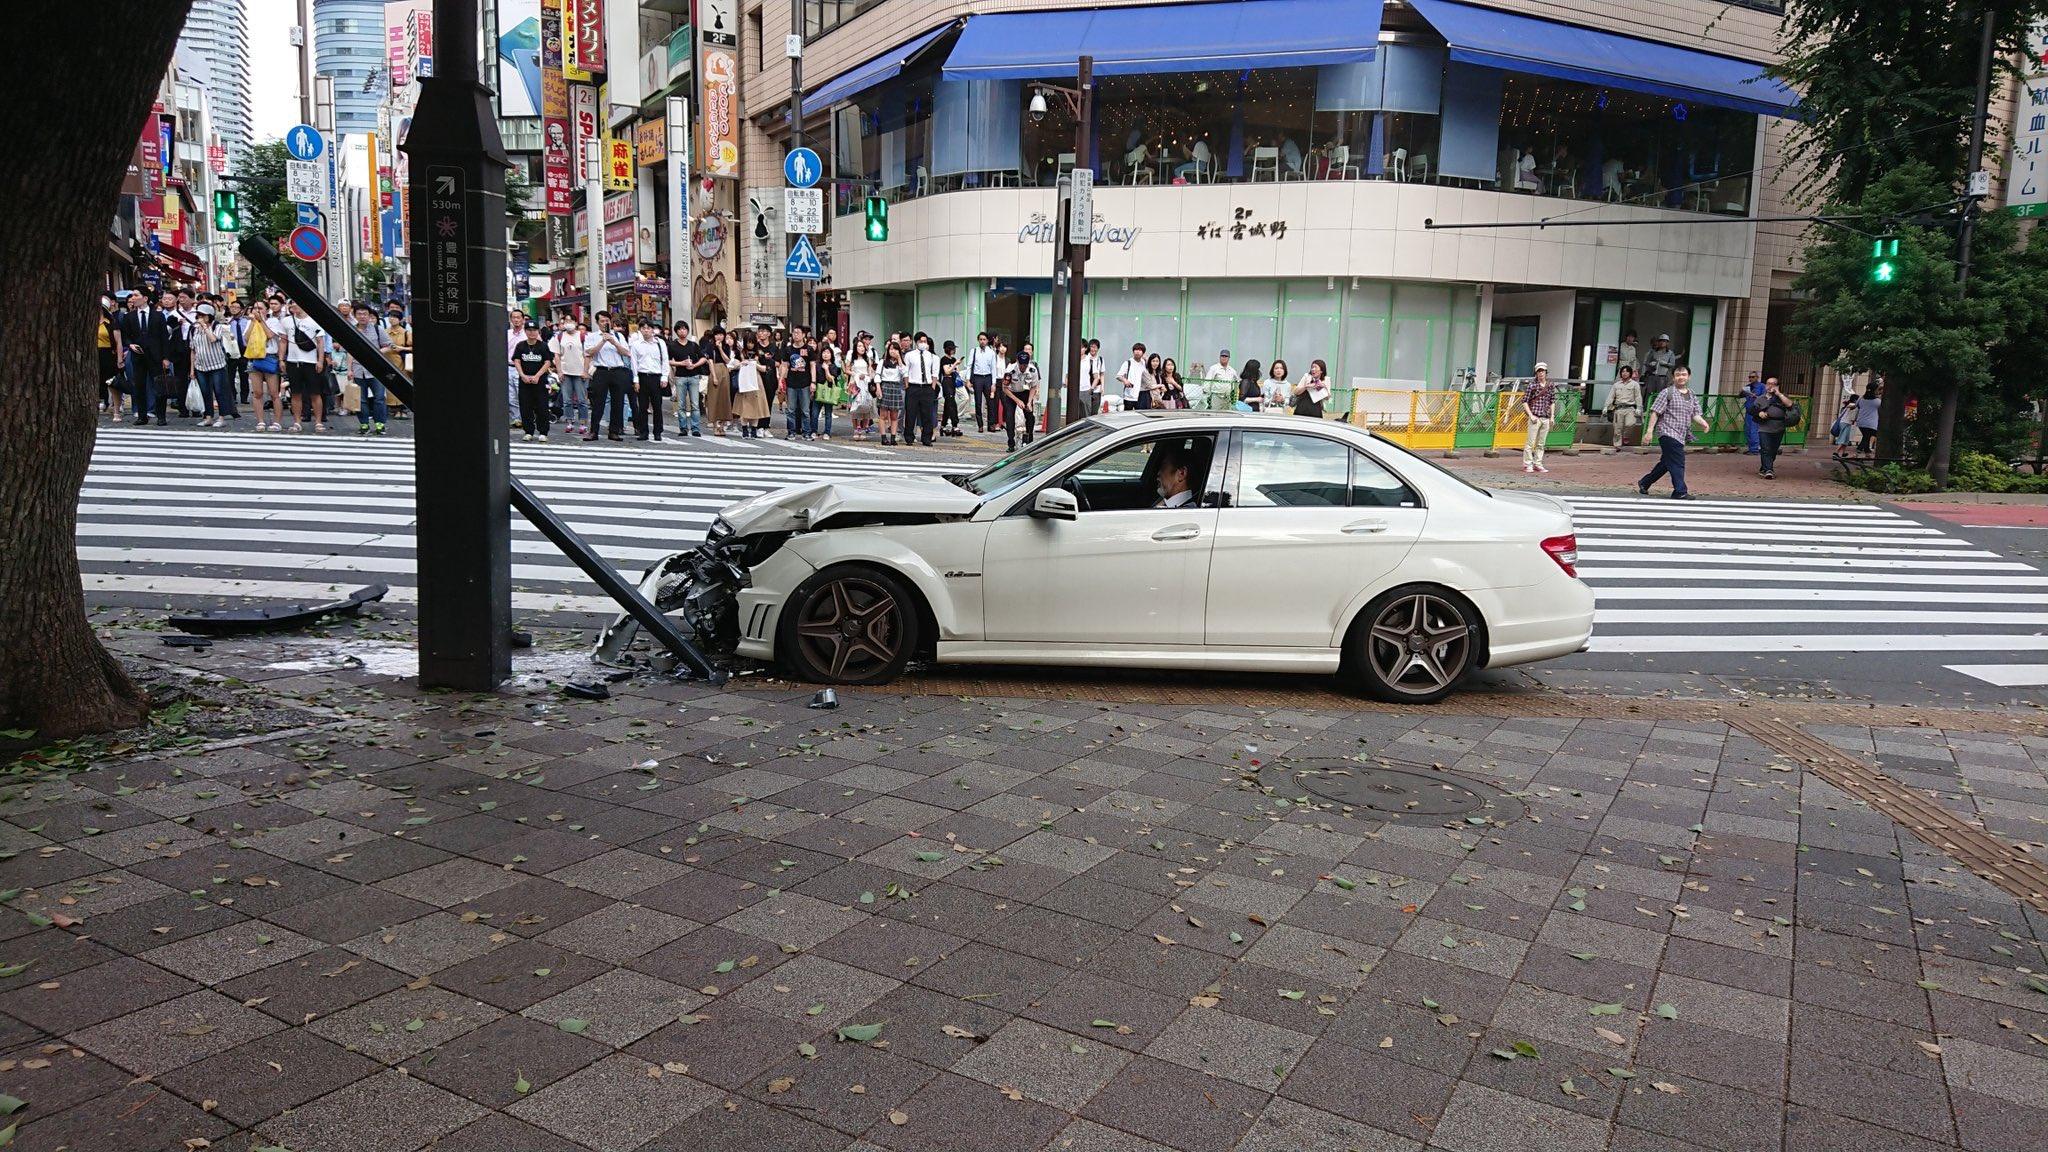 池袋駅東口のサンシャイン通りでベンツが歩道の信号機に突っ込む事故現場の画像